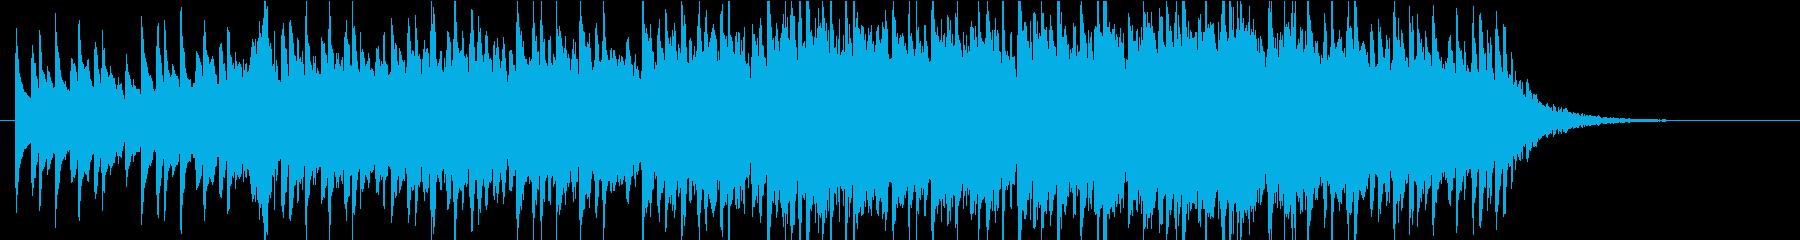 希望の丘の再生済みの波形